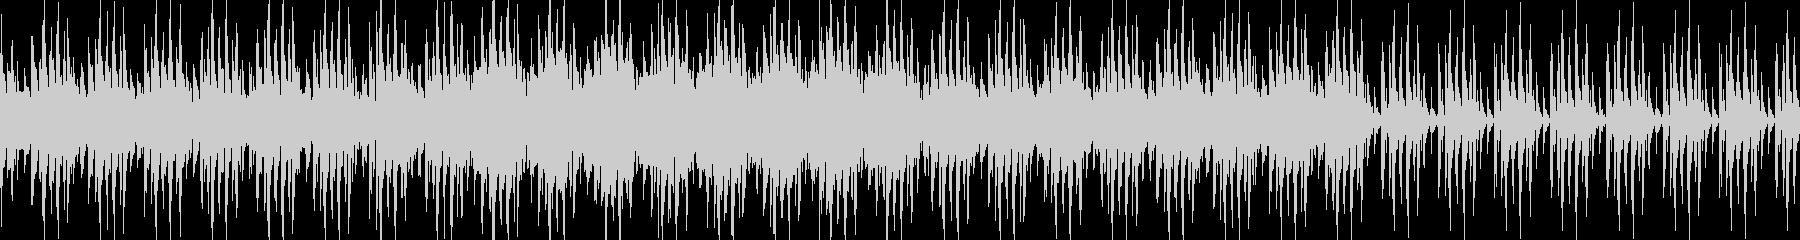 ループ仕様のメインタイトル用楽曲の未再生の波形